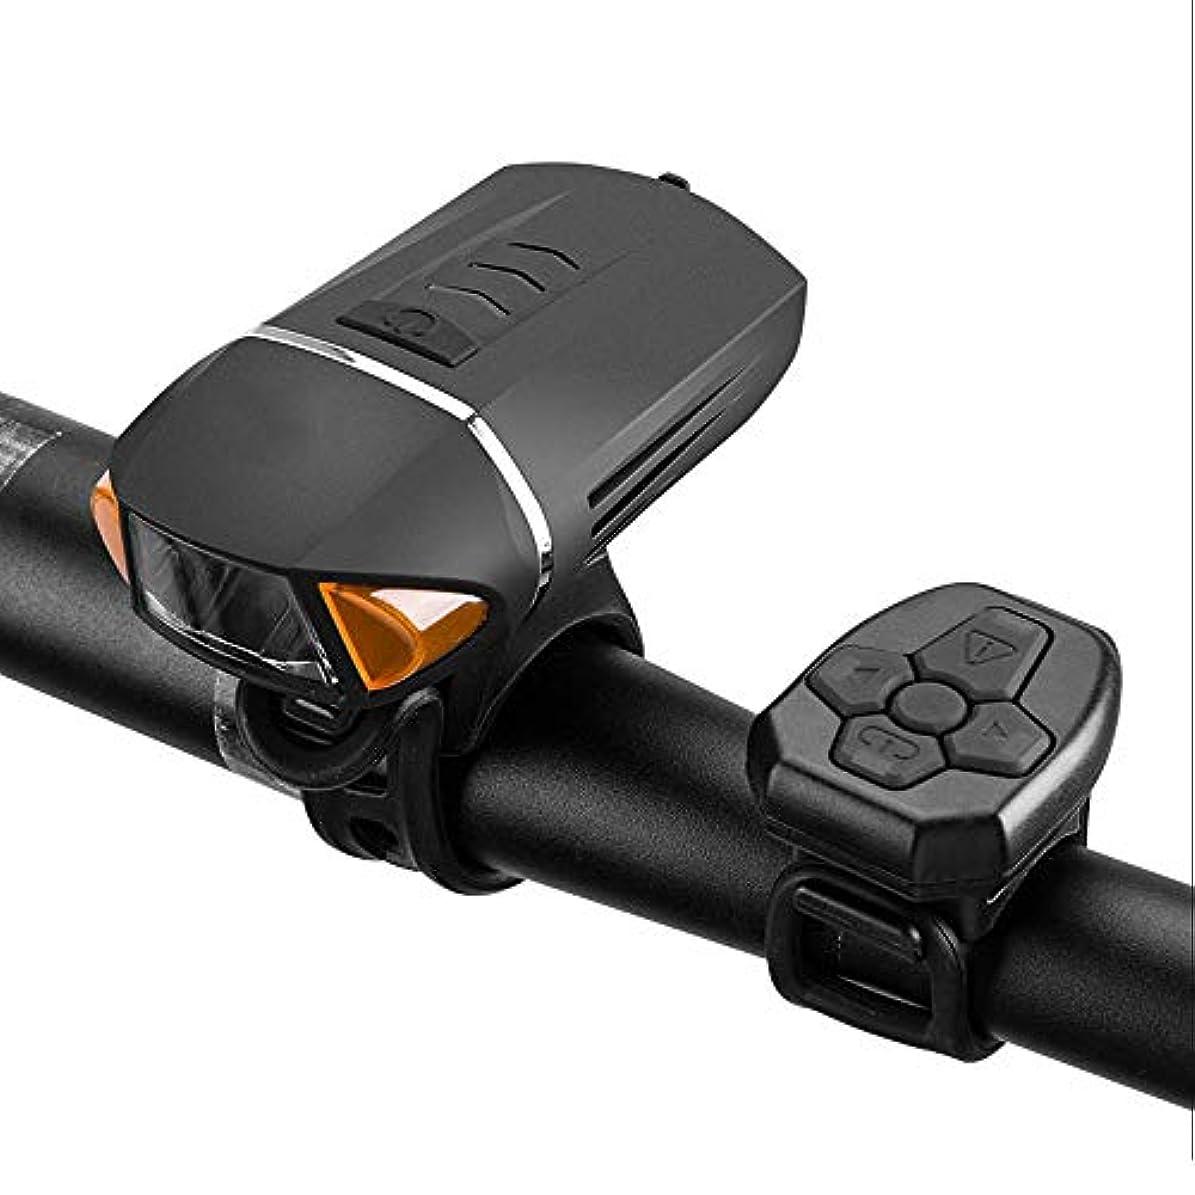 シルク中古勘違いするHS-01 自転車用ライト、ヘッドライト、ホーンアラーム、USB充電、マウンテンナイトライディング機器、ワイヤレスリモコン、350ルーメン